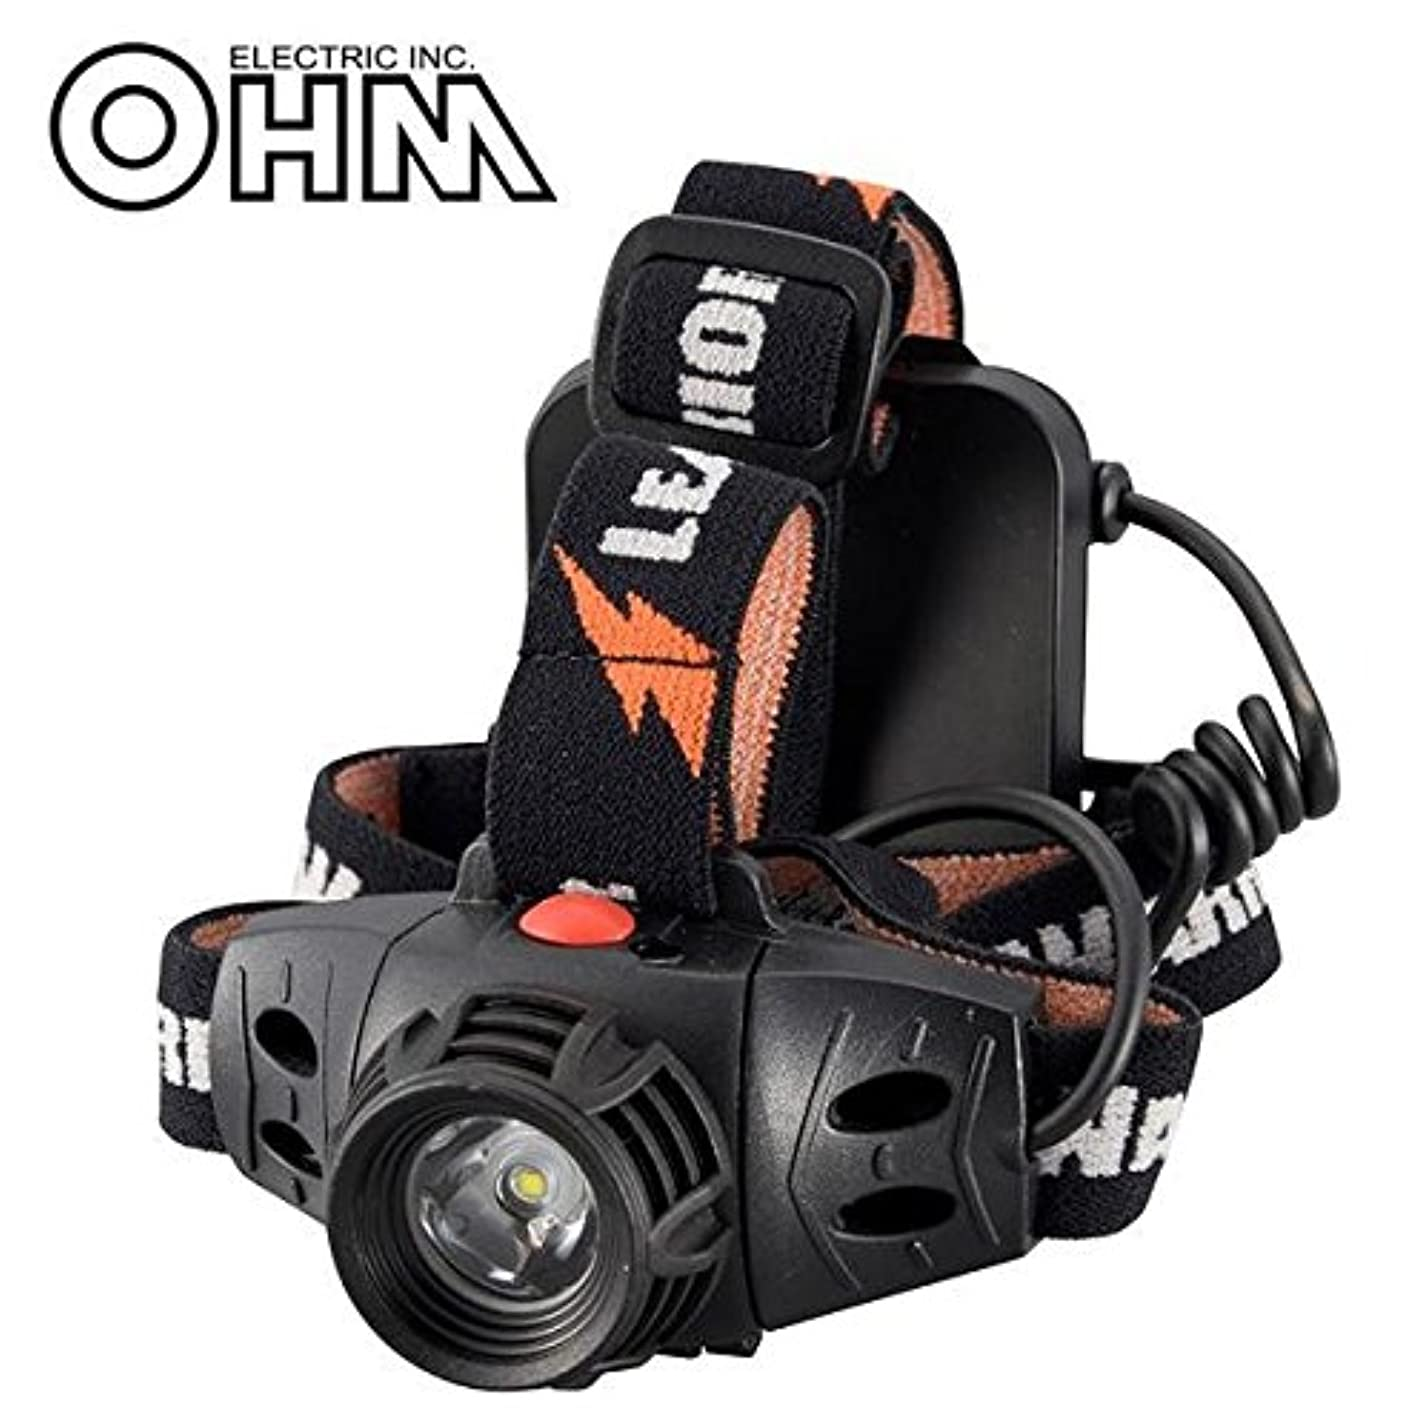 オーム電機 OHM LEAD WARRIOR 防水LEDヘッドライト LC-SY333-K